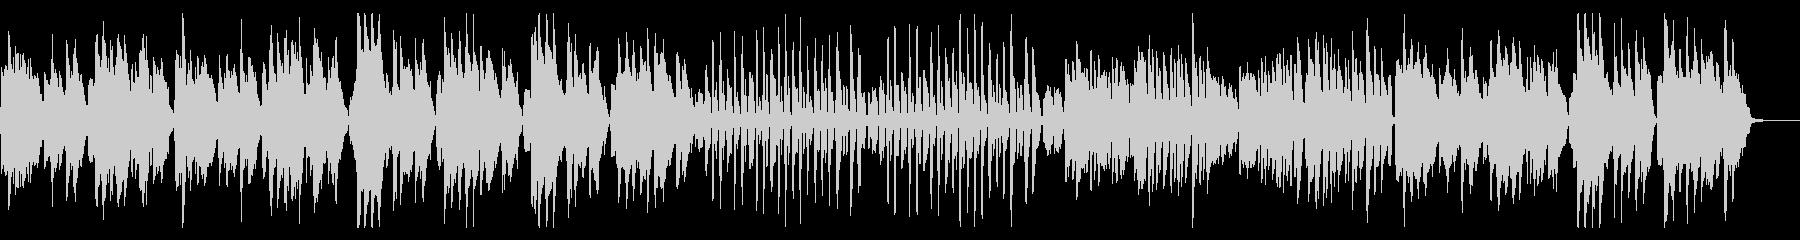 ベートーヴェン/メヌエット/へたっぴの未再生の波形